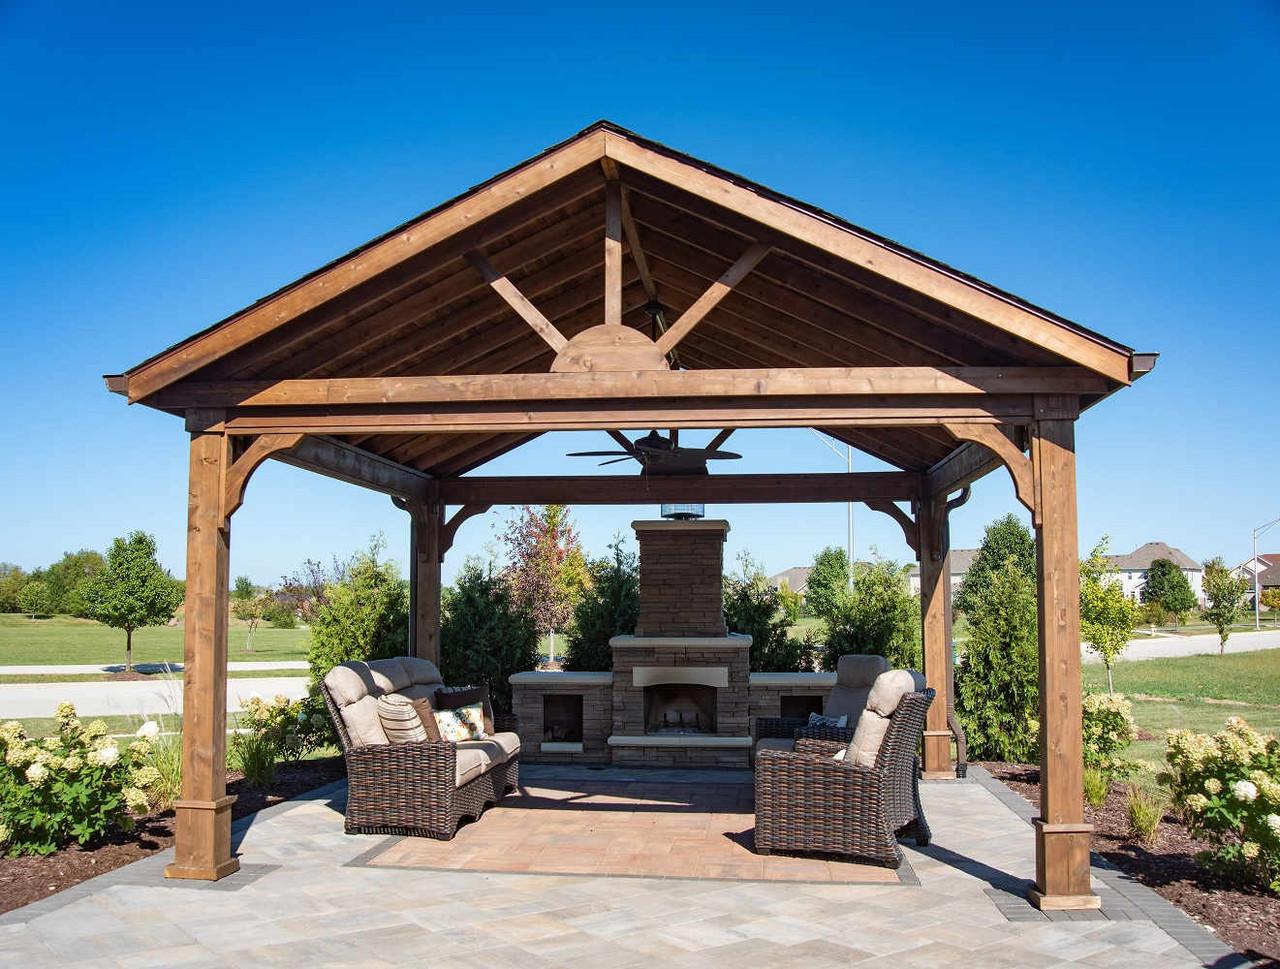 16x16 Red Cedar Gabled Roof Pavilion Kit, Minooka, Illinois